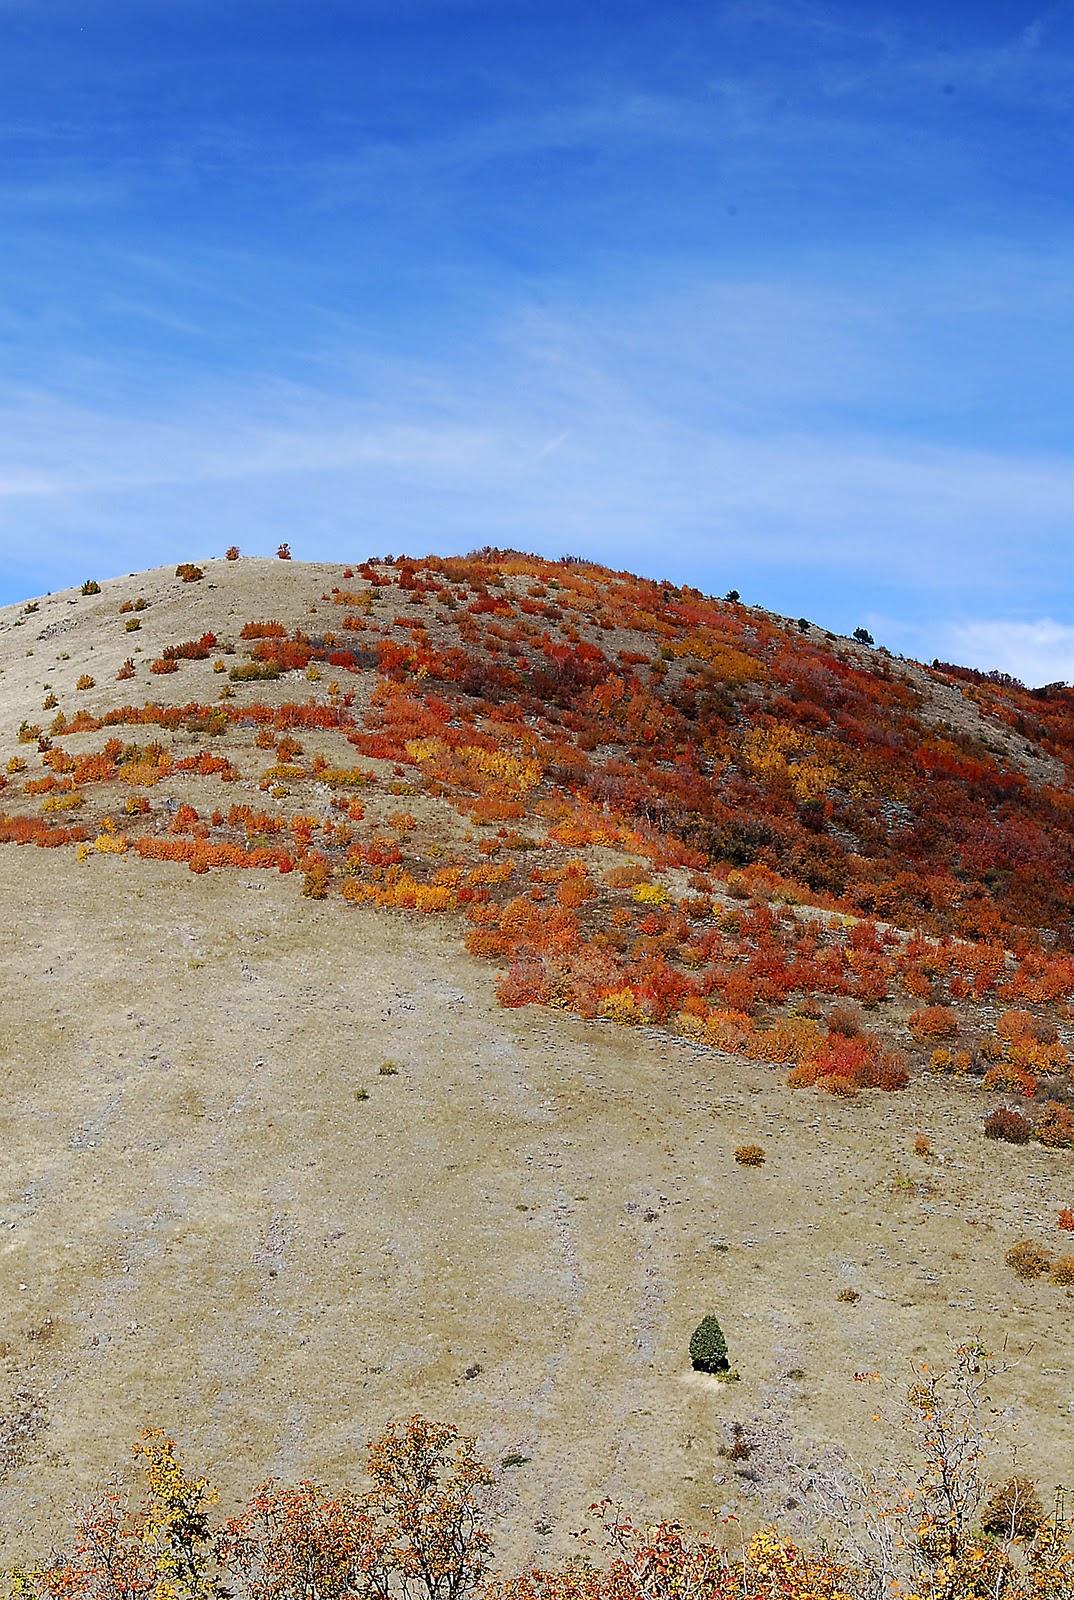 More sanctuary ranch color visit ogden valley utah for Sanctuary ranch